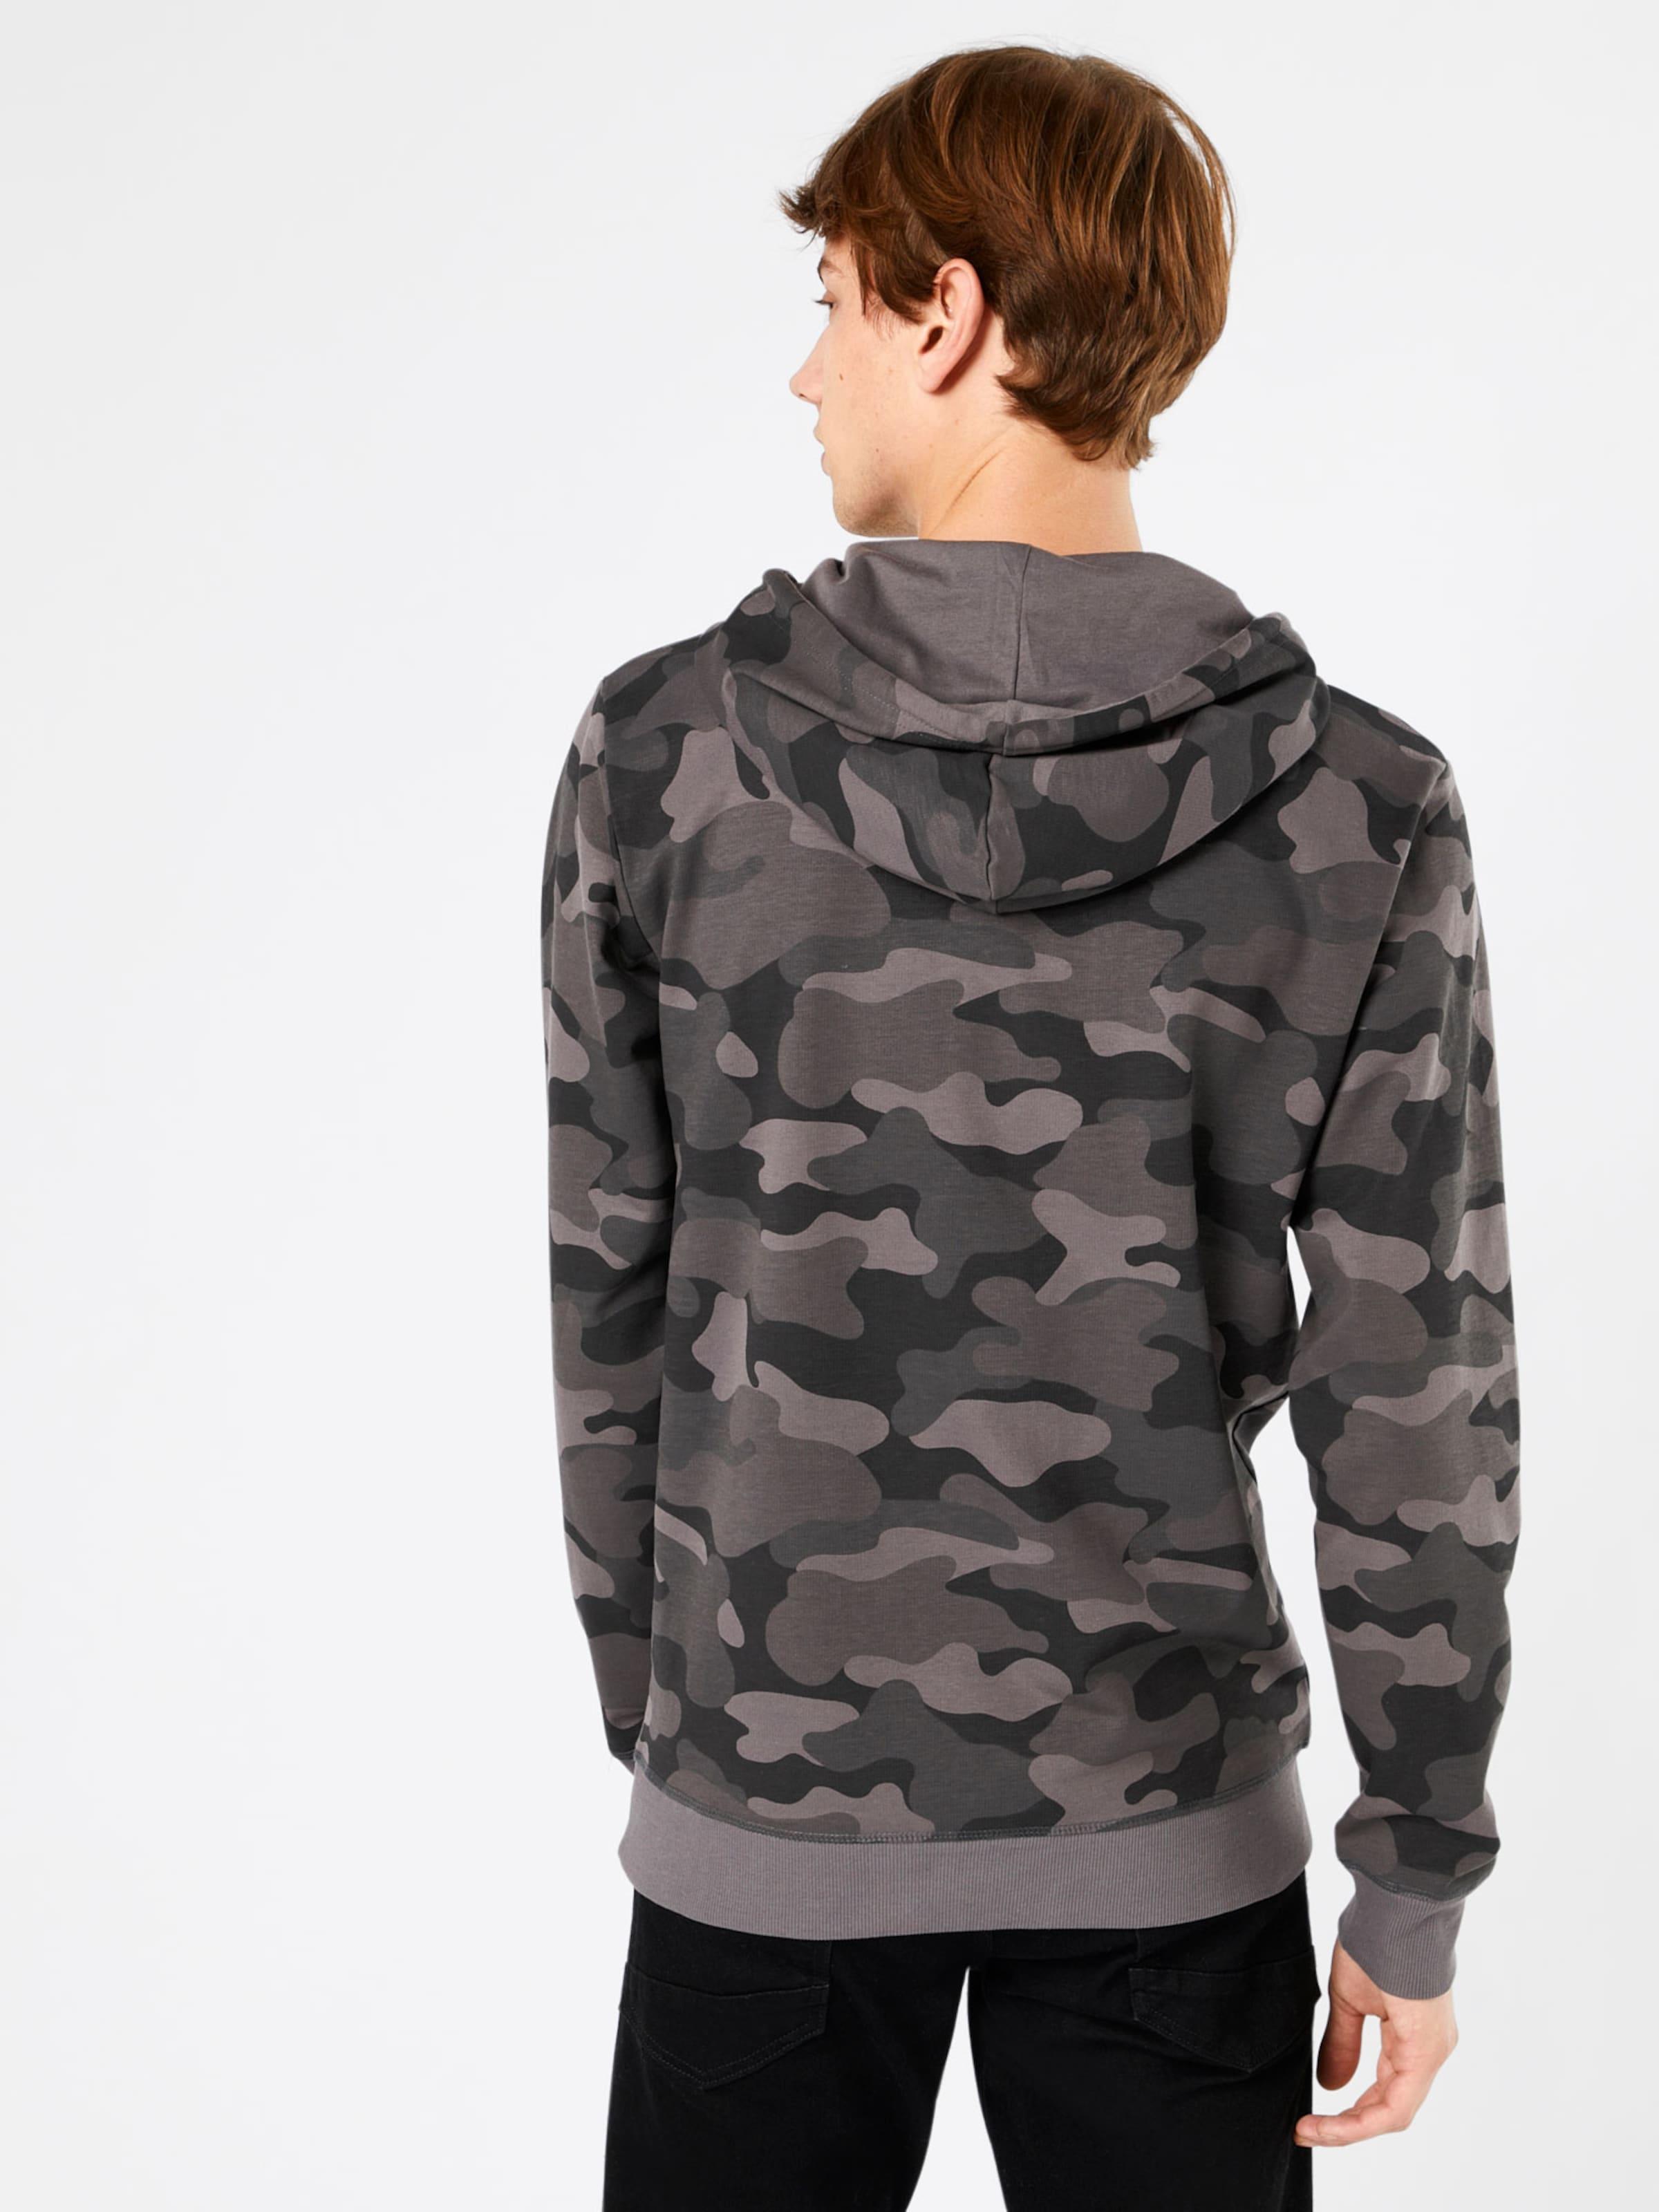 Auslassstellen Freiraum Für Schön Only & Sons Sweater 'TOBY' Preiswert Sneakernews Online bLqcWDO